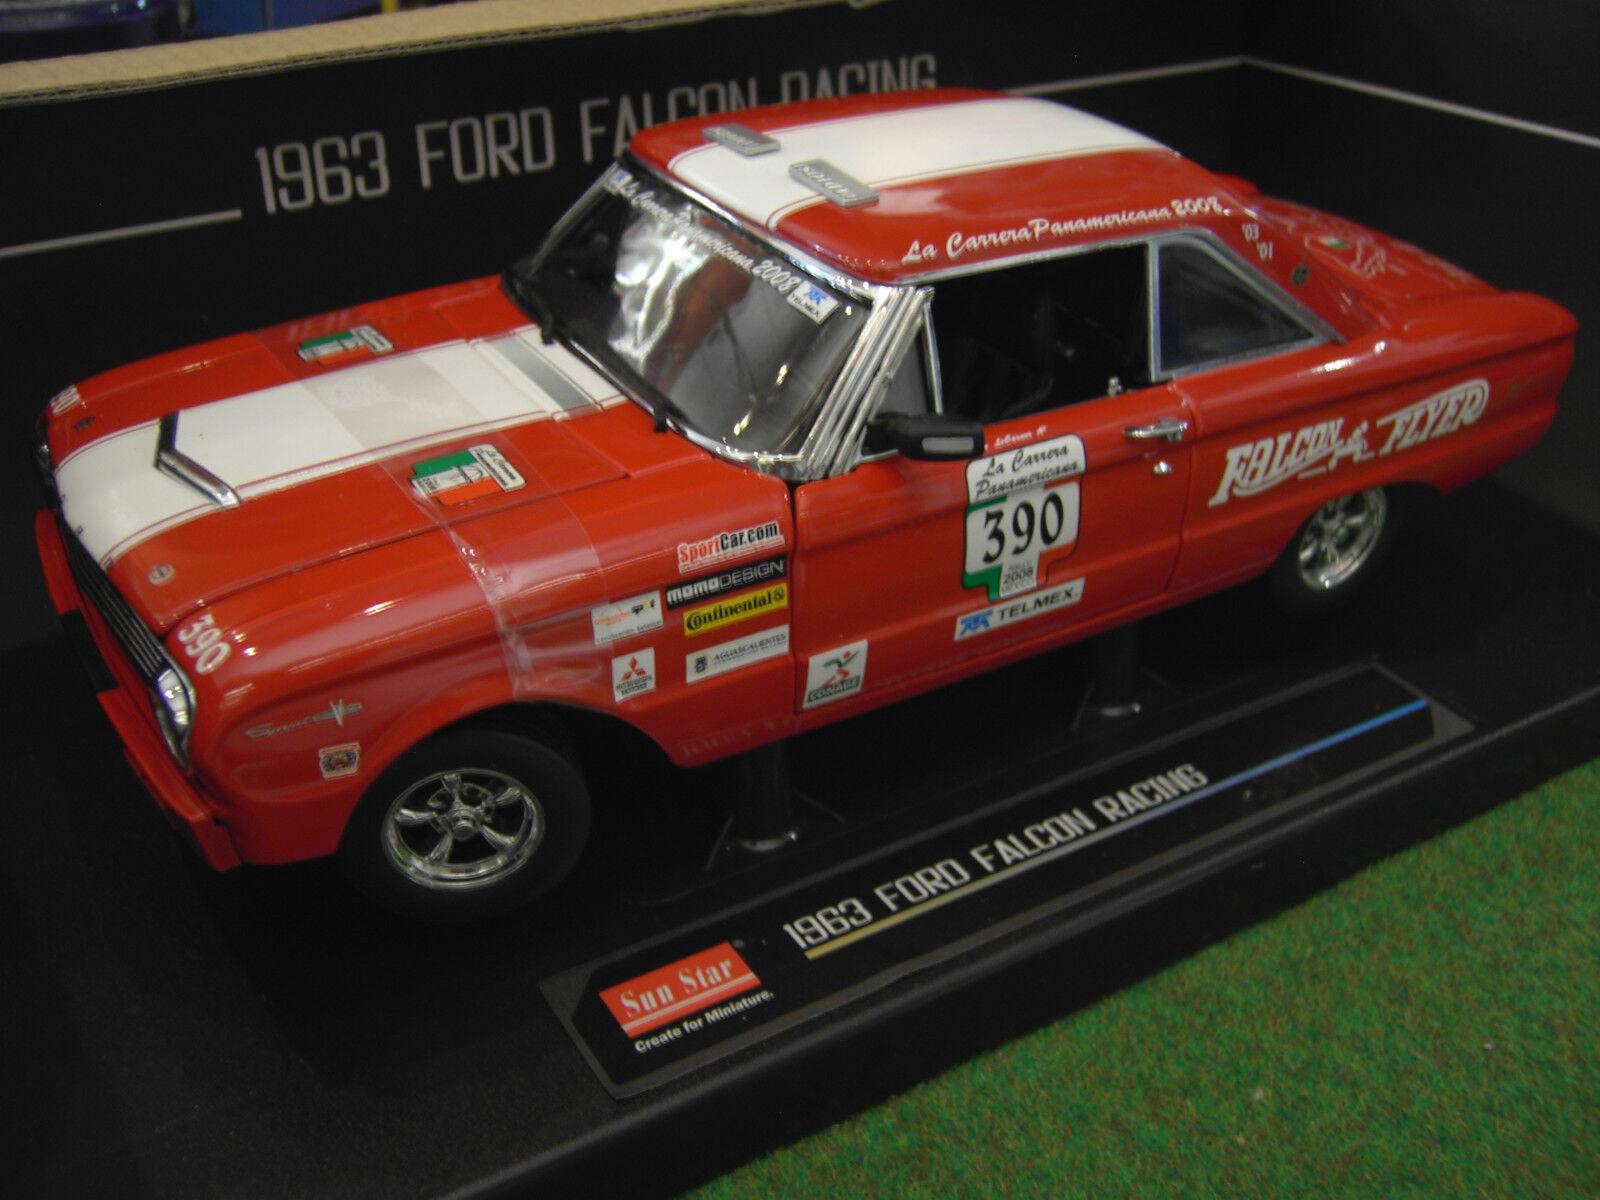 FORD FALCON RACING LEvoitureNER 1963  390 au  1 18 de SUN STAR 4552 voiture miniature  le meilleur service après-vente